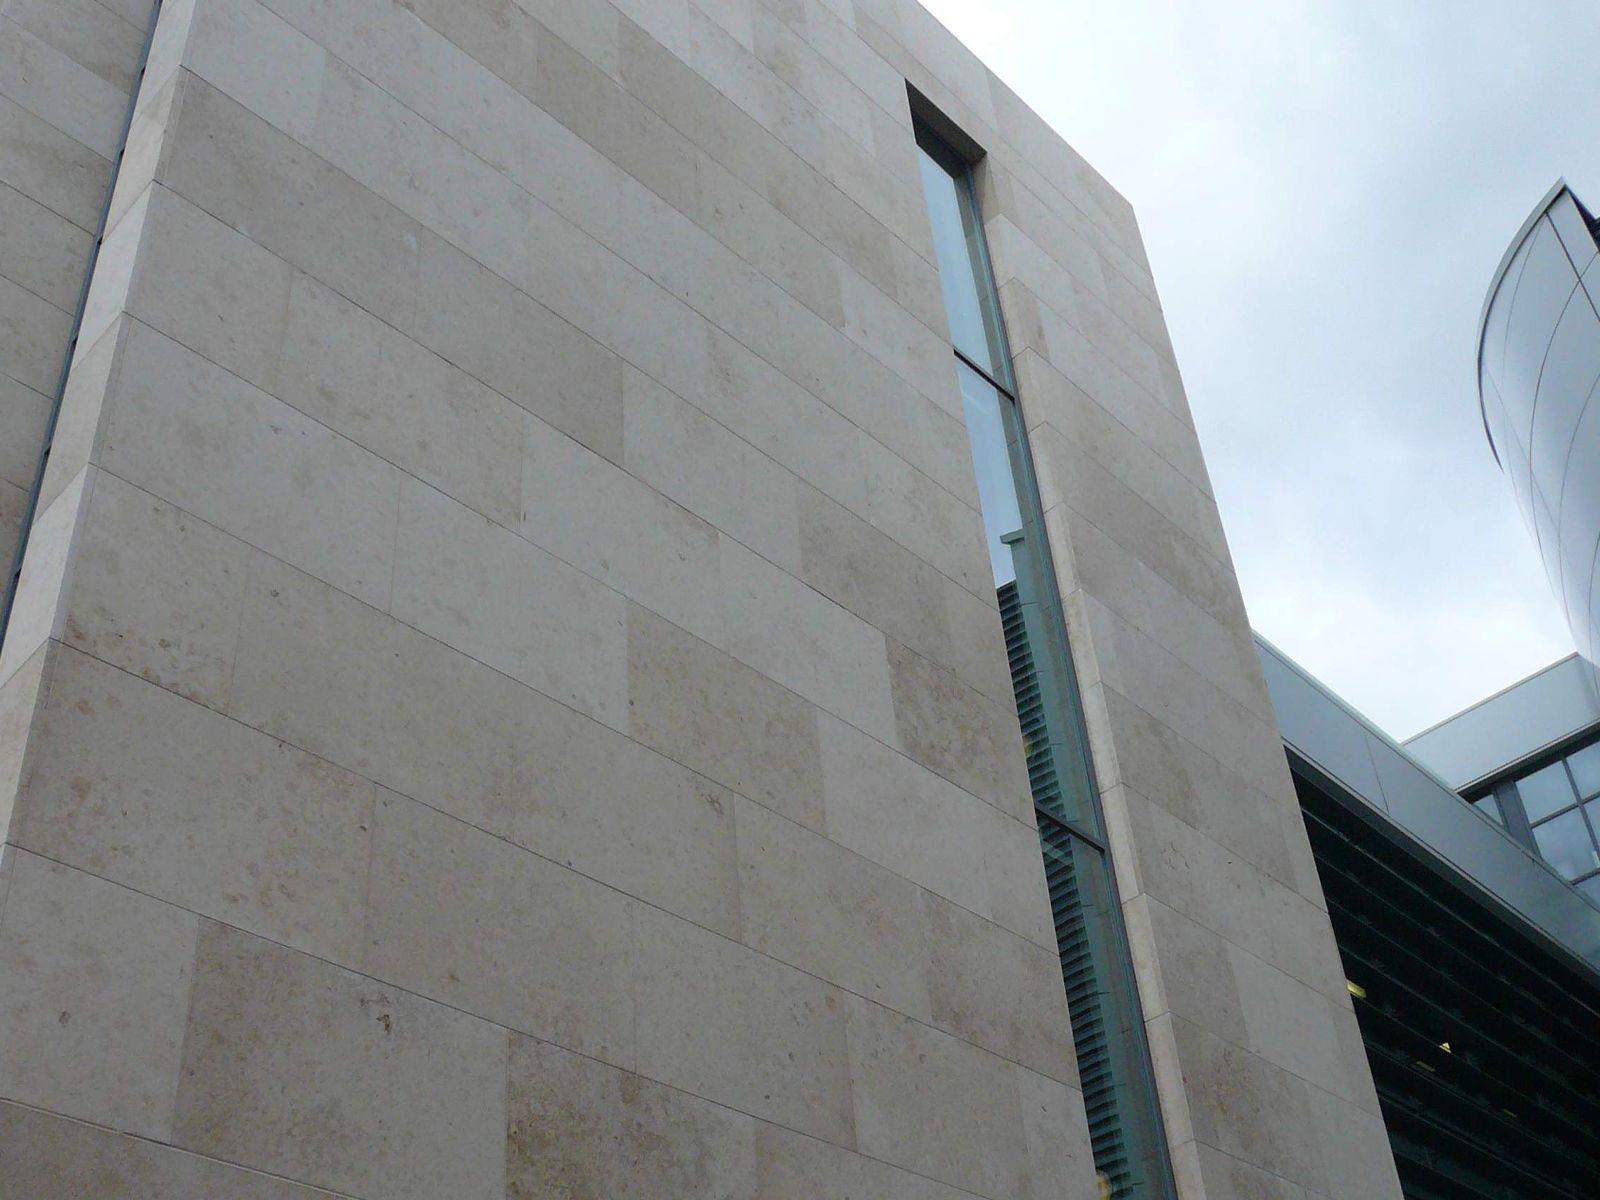 Fachada del edificio red oak dublin realizada con piedra - Piedra caliza fachada ...